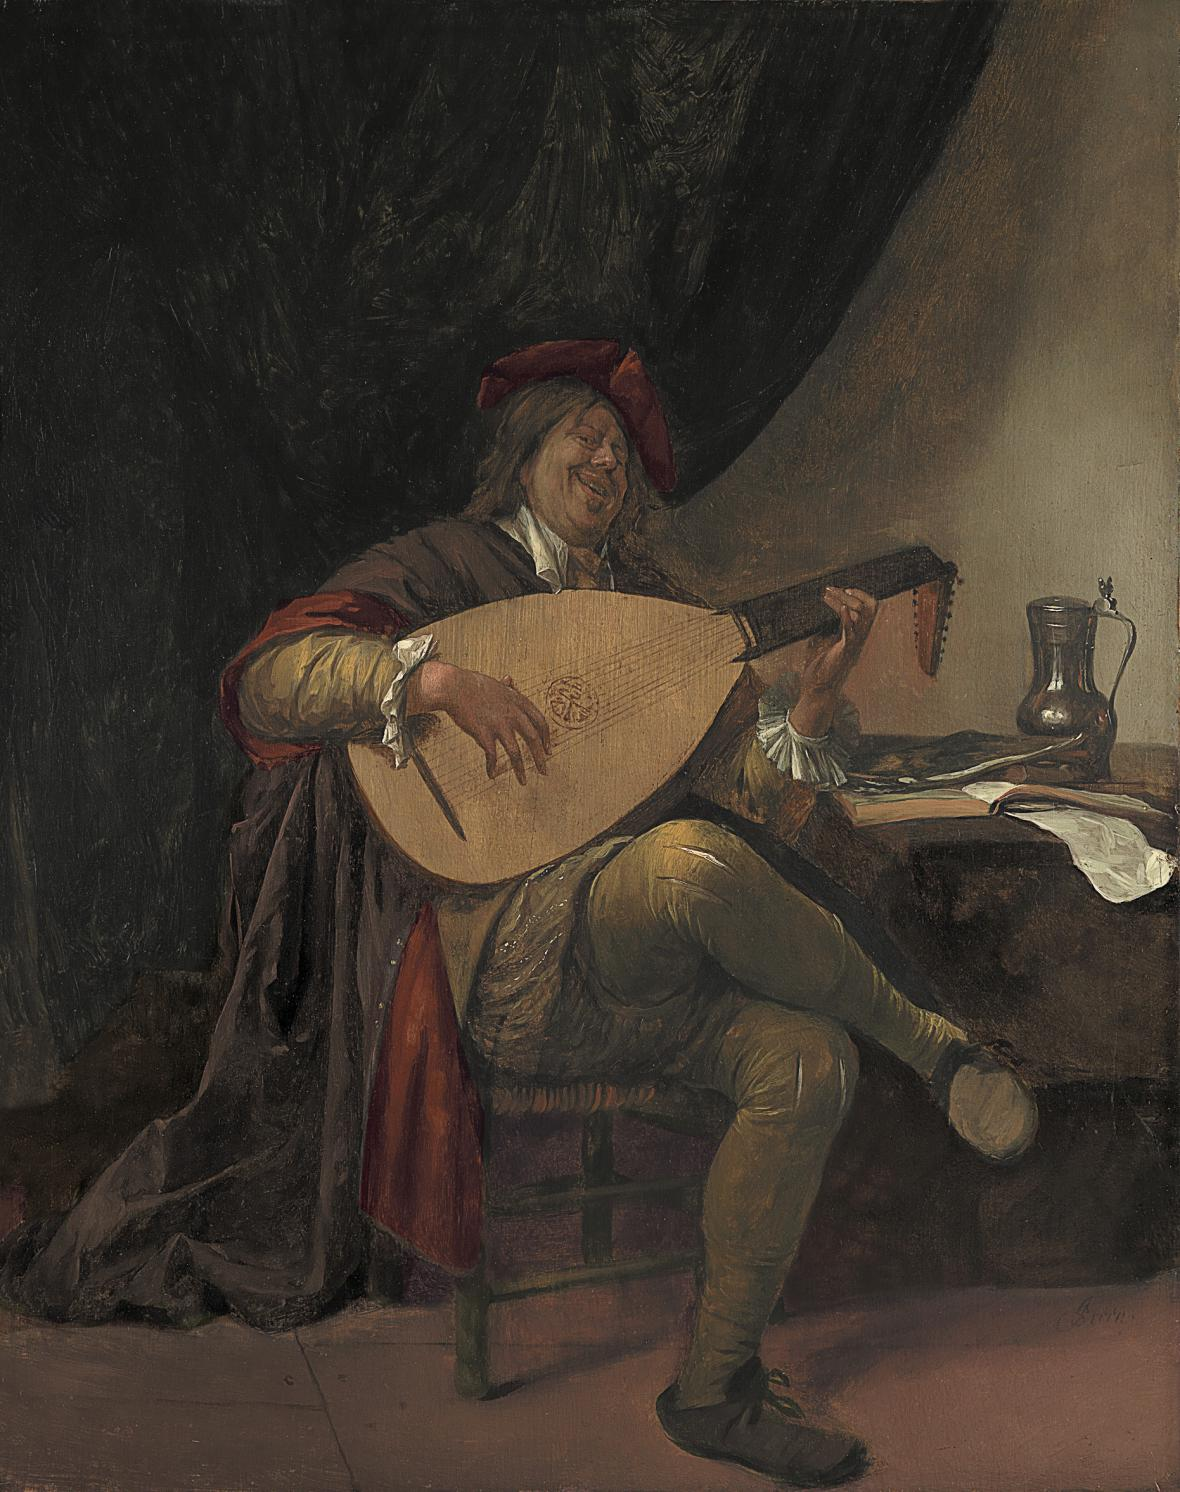 Autoportrét Jana Havicksz. Steena (1663-65)